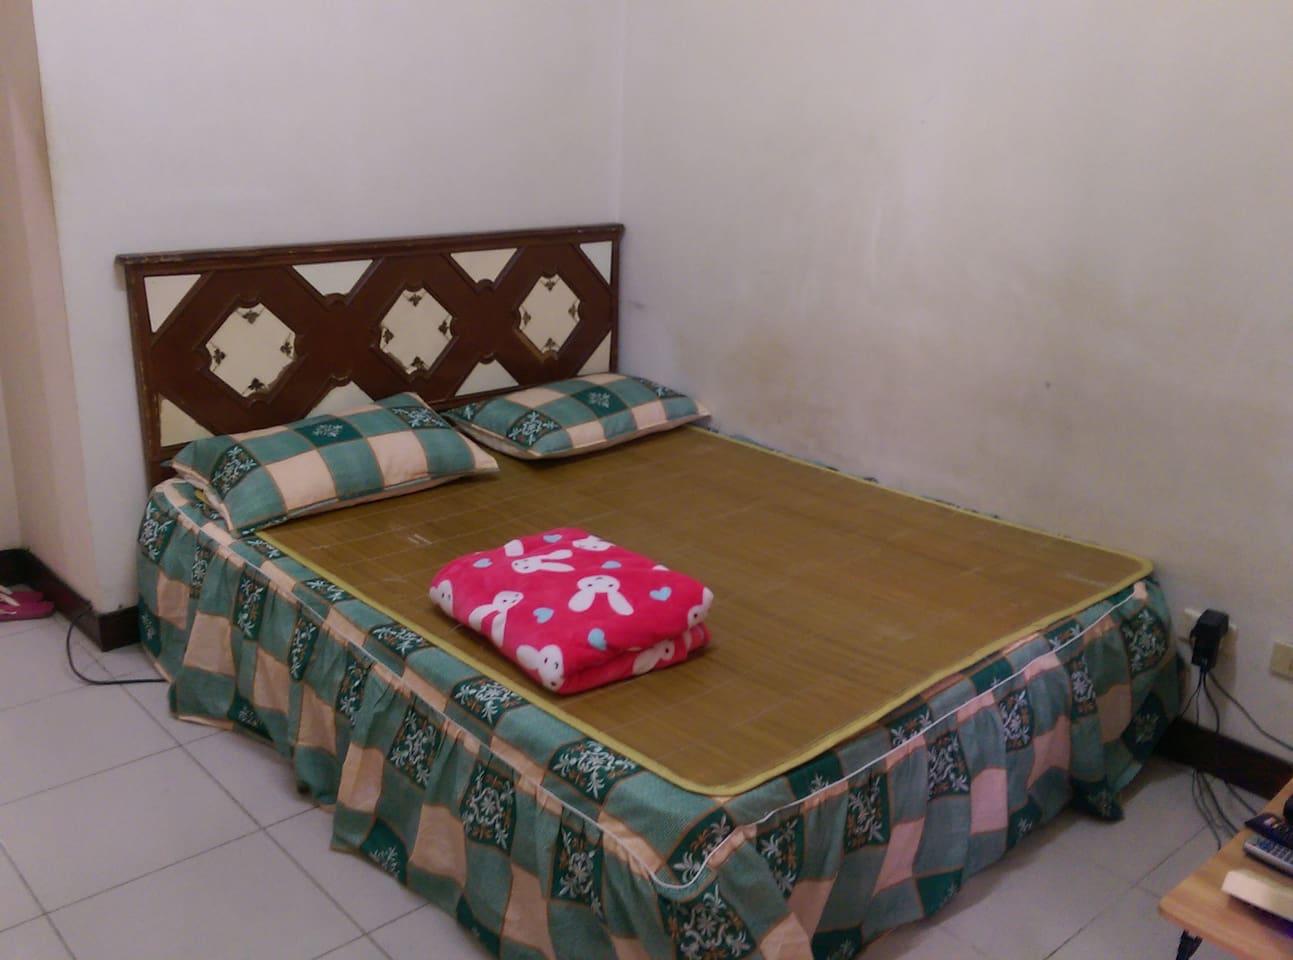 雙人床。照片中的草蓆已壞掉,僅供參考,房東不一定會鋪上,看房客如有需要可告知房東鋪上 。